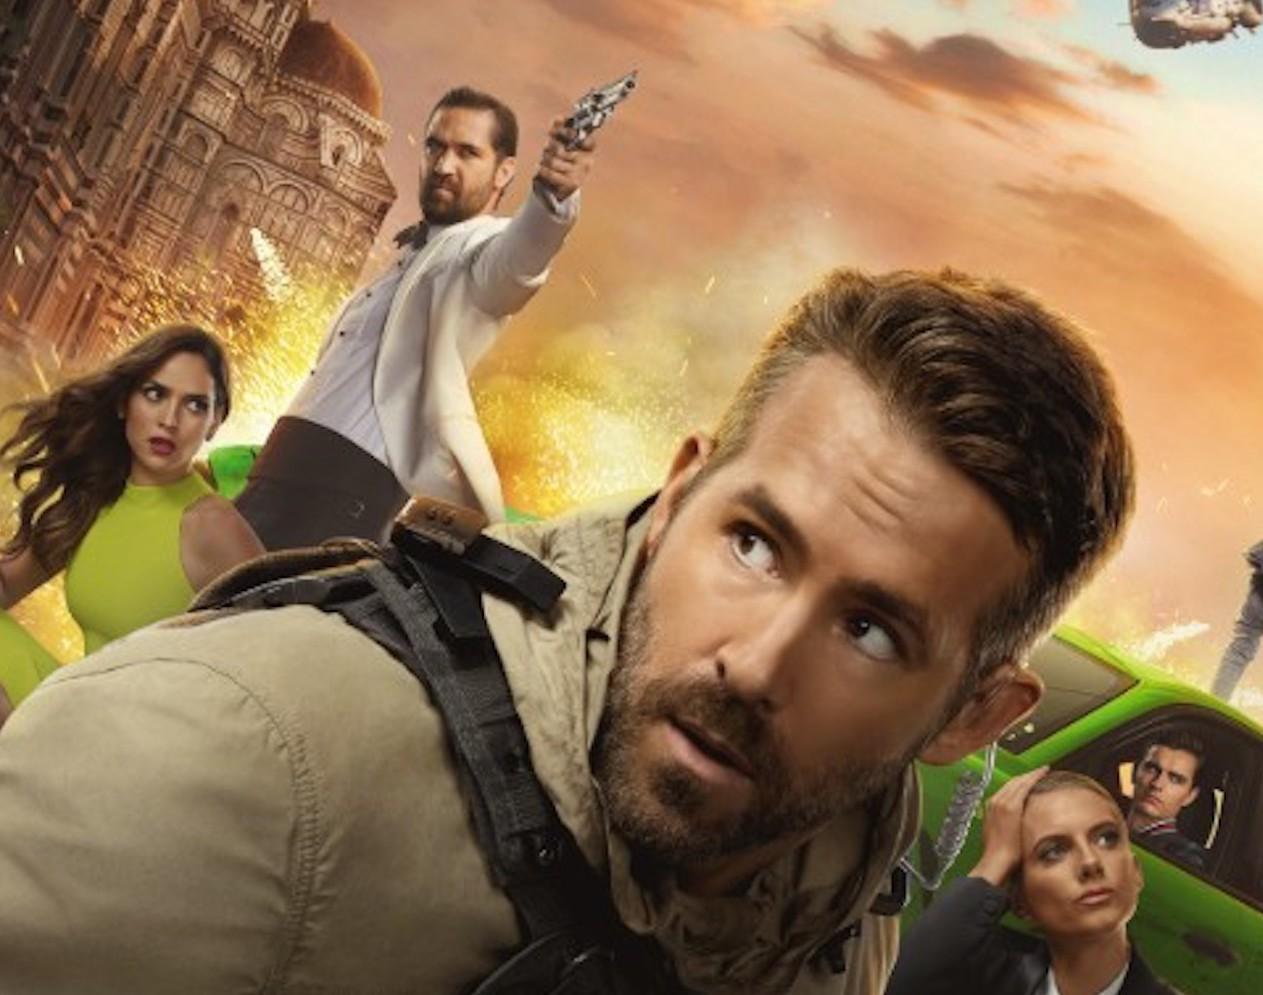 watch movie : 6 Underground